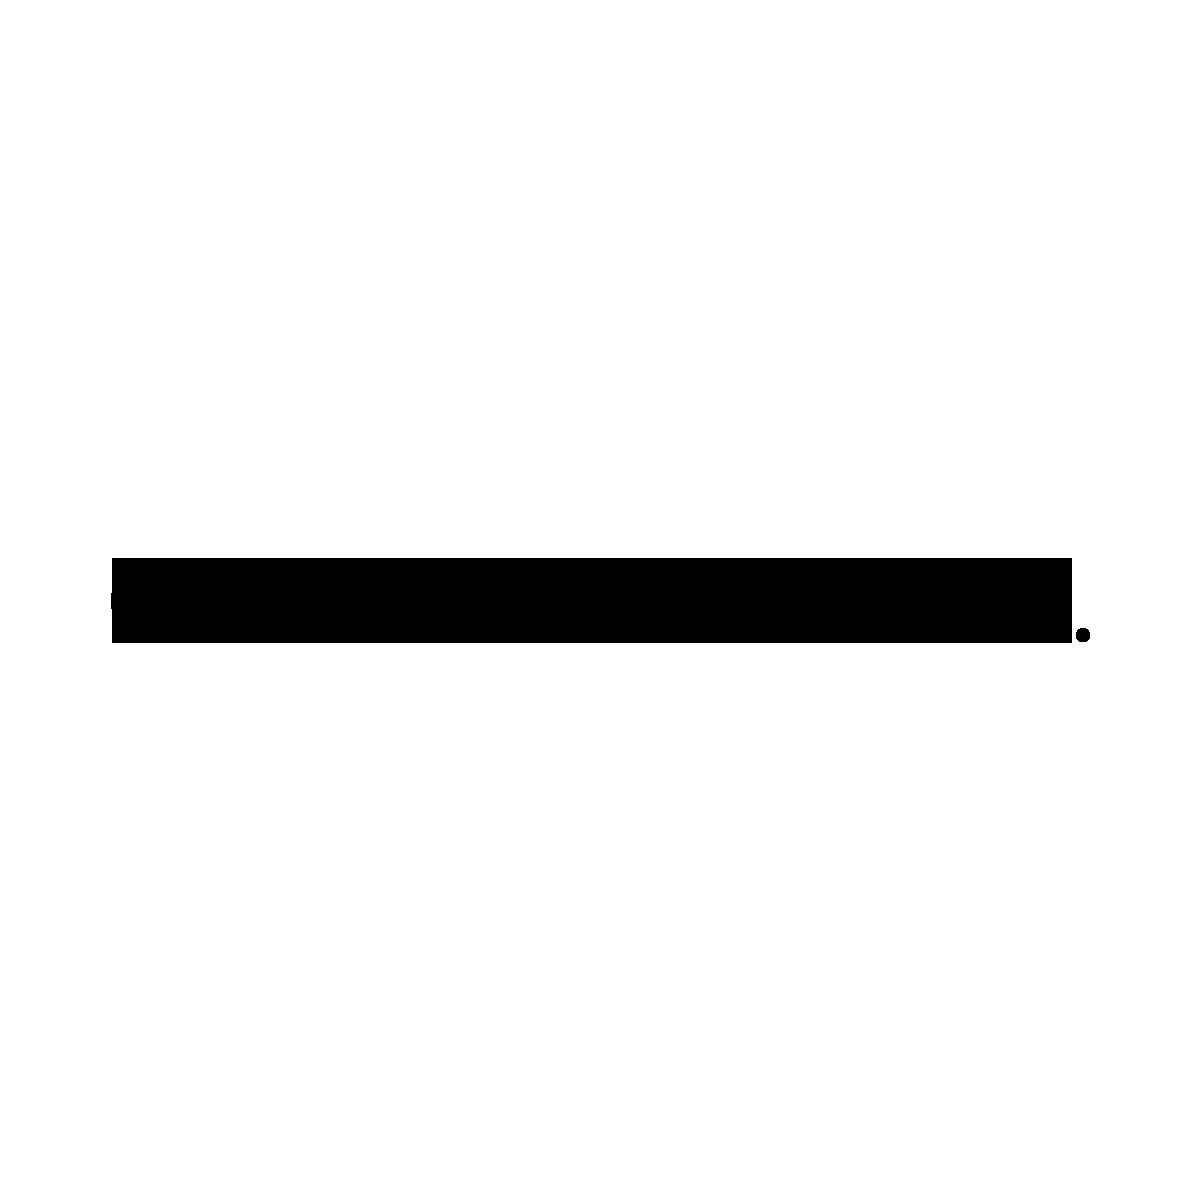 Espadrille-loafer-suède-grijs